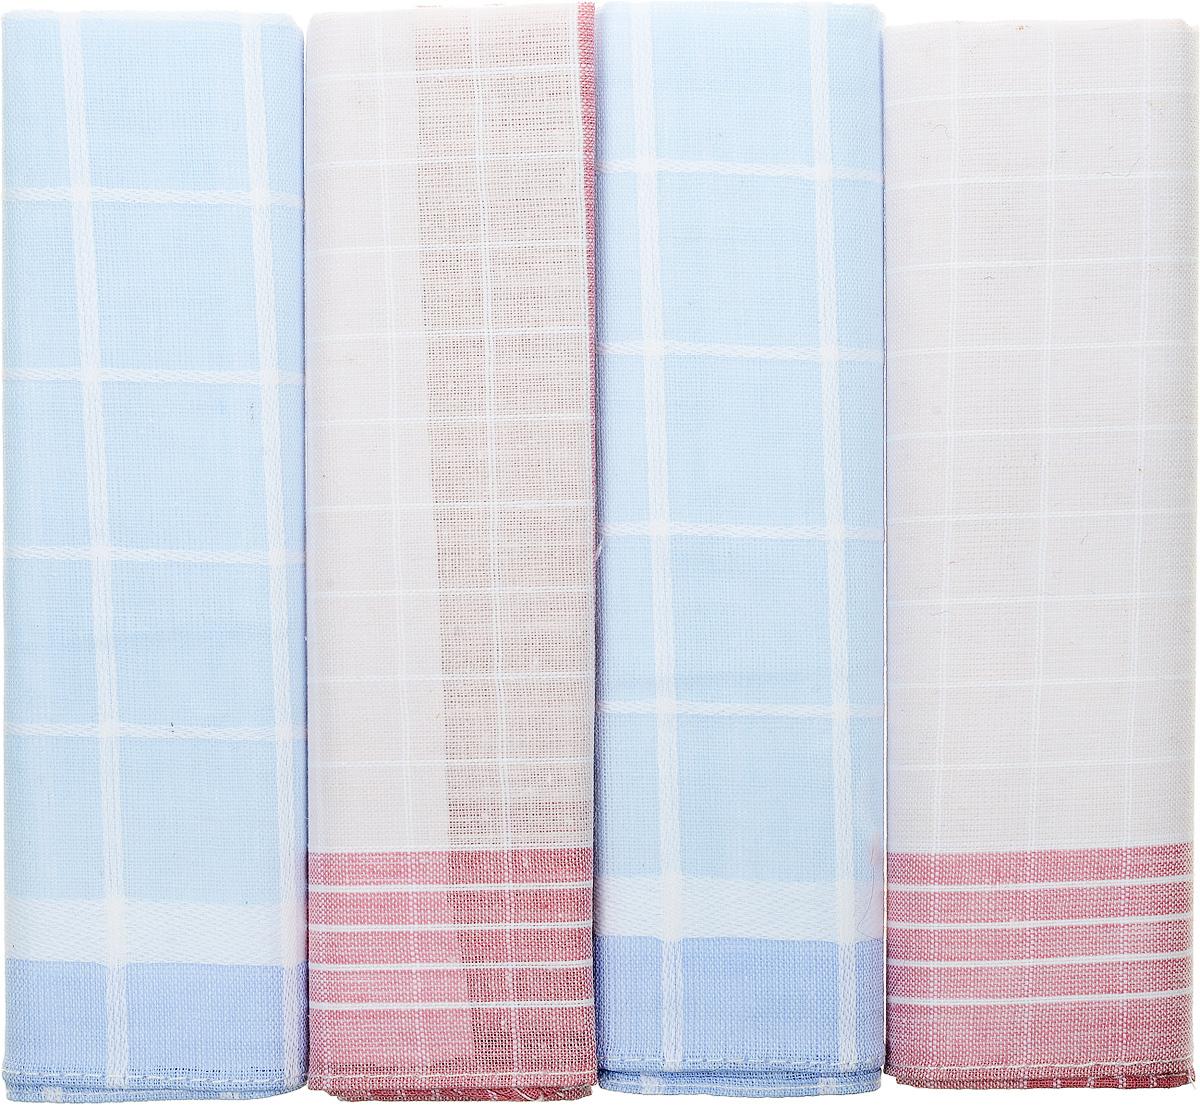 Платок носовой женский Zlata Korunka, цвет: голубой, бордовый, 4 шт. 71420-31. Размер 28 см х 28 см71420-31Оригинальный женский носовой платок Zlata Korunka изготовлен из высококачественного натурального хлопка, благодаря чему приятен в использовании, хорошо стирается, не садится и отлично впитывает влагу. Практичный и изящный носовой платок будет незаменим в повседневной жизни любого современного человека. Такой платок послужит стильным аксессуаром и подчеркнет ваше превосходное чувство вкуса.